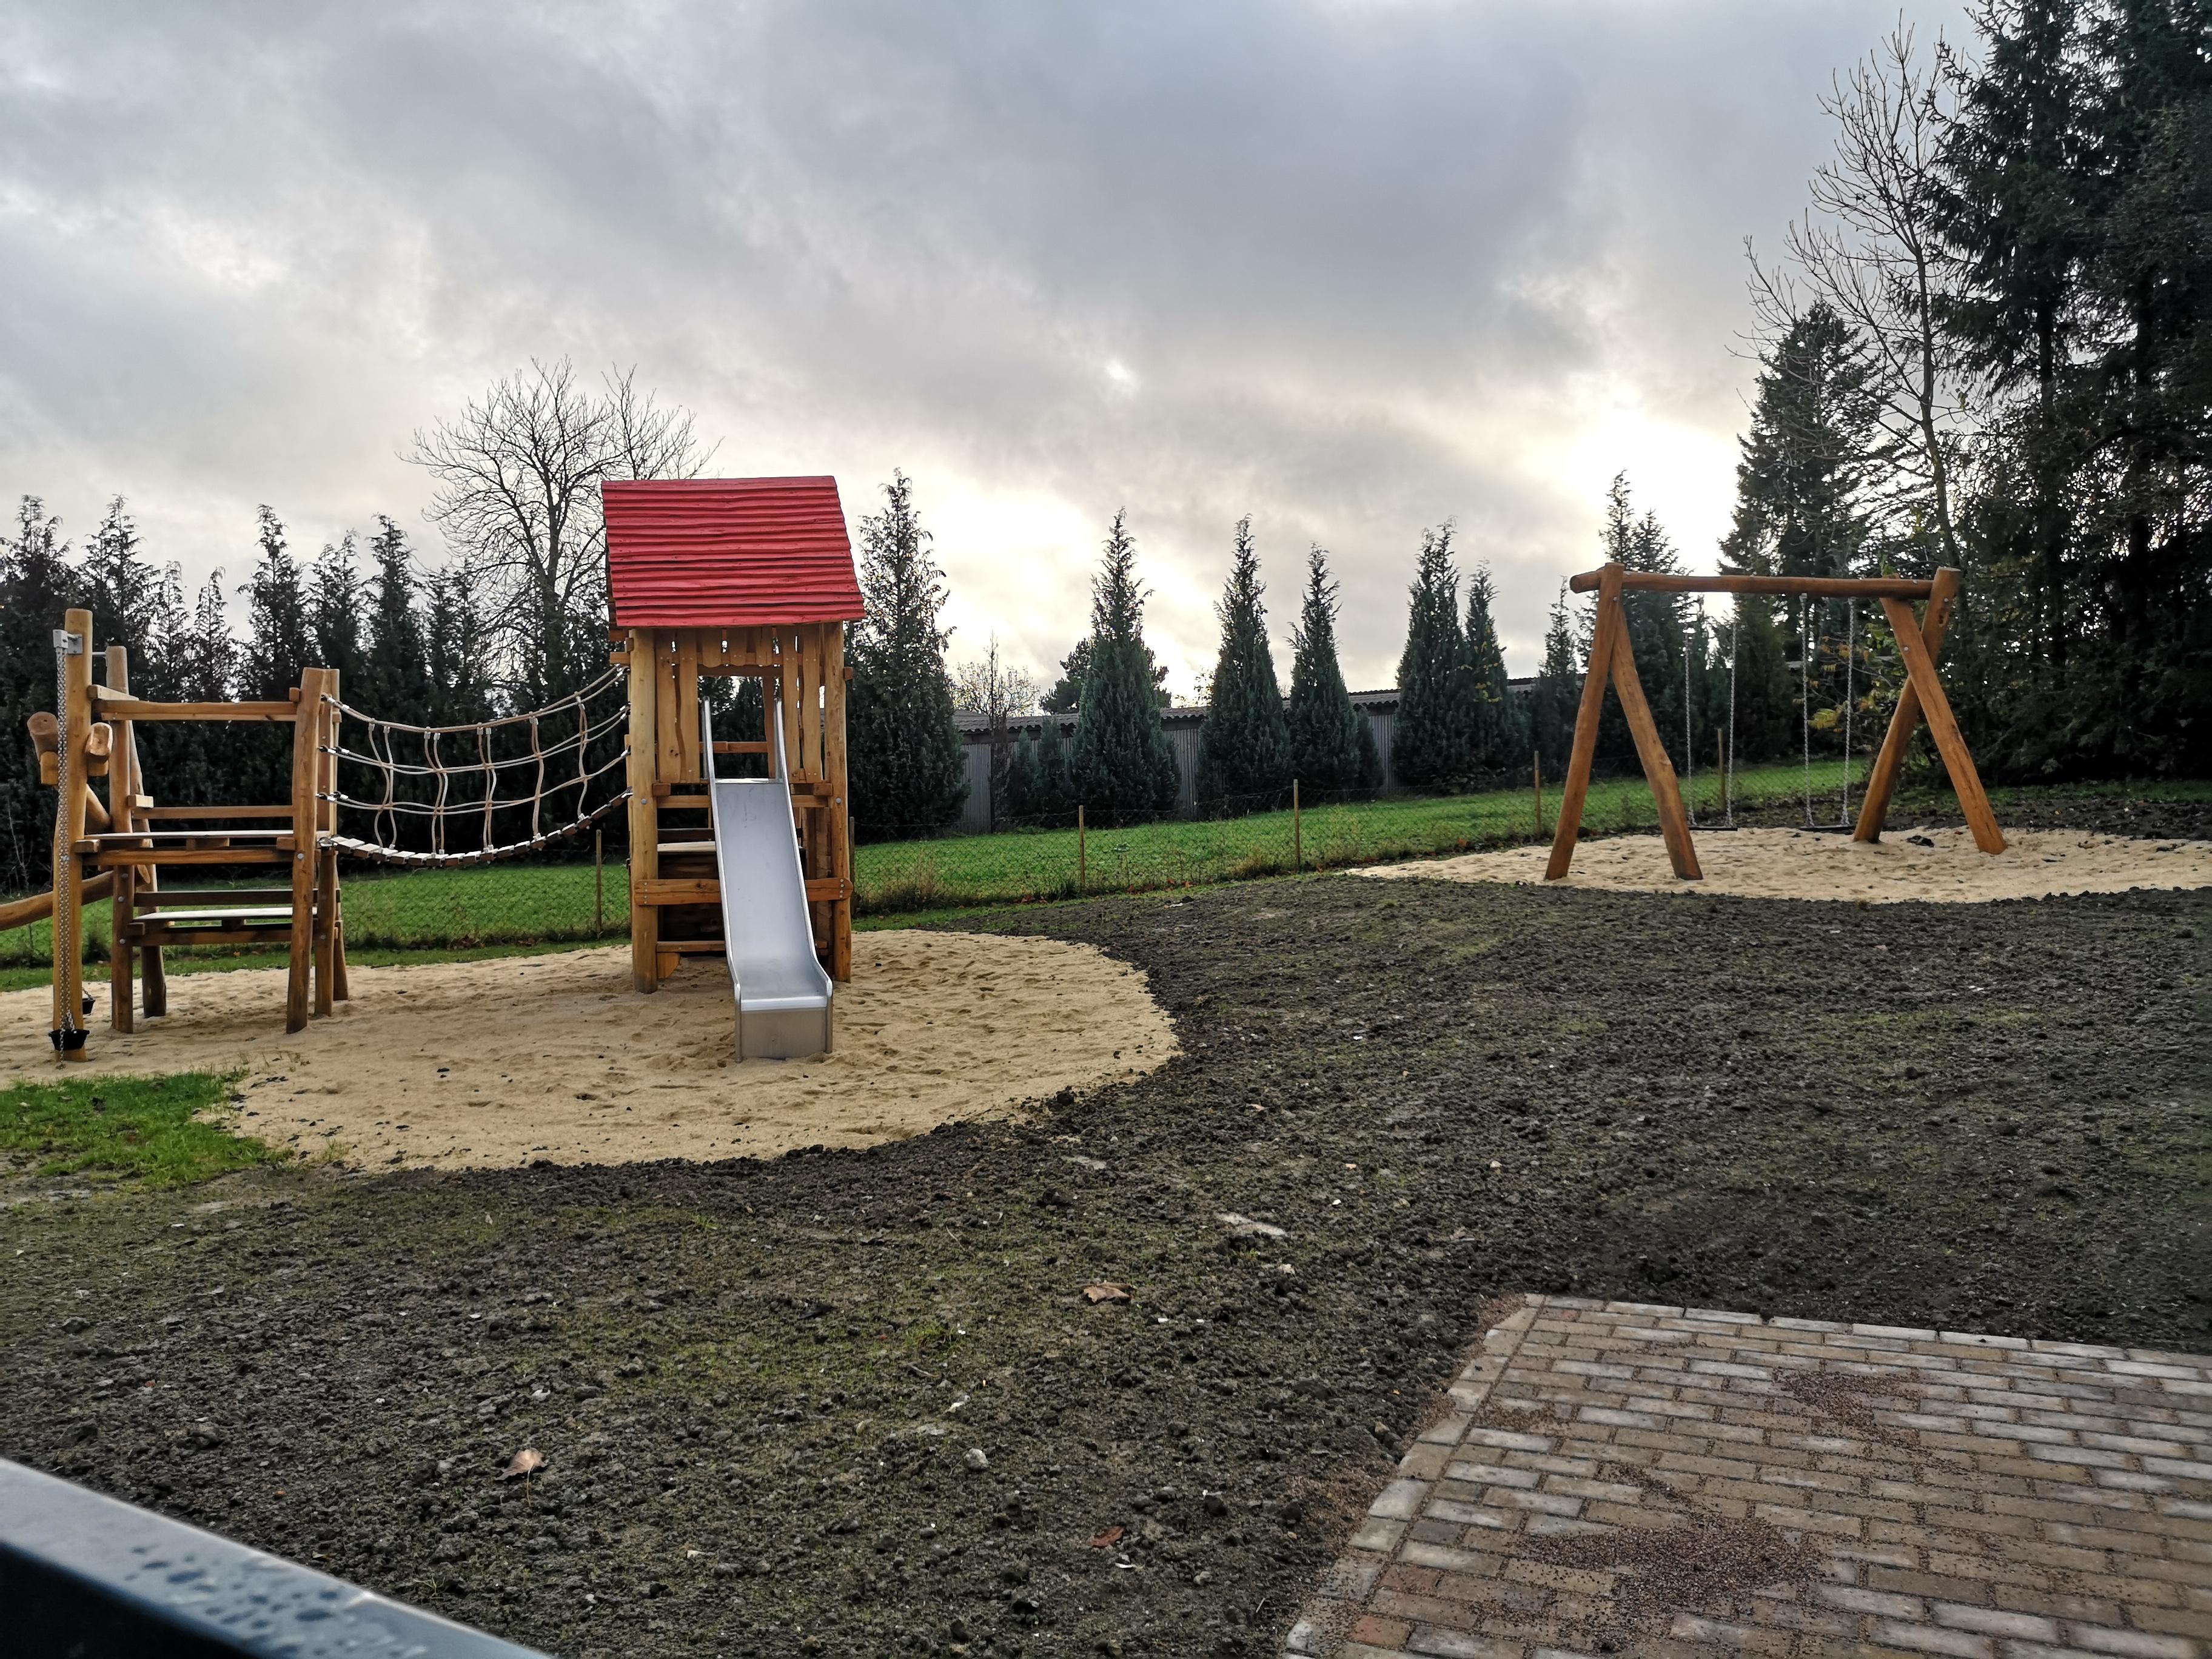 Eigenrieden Spielplatz